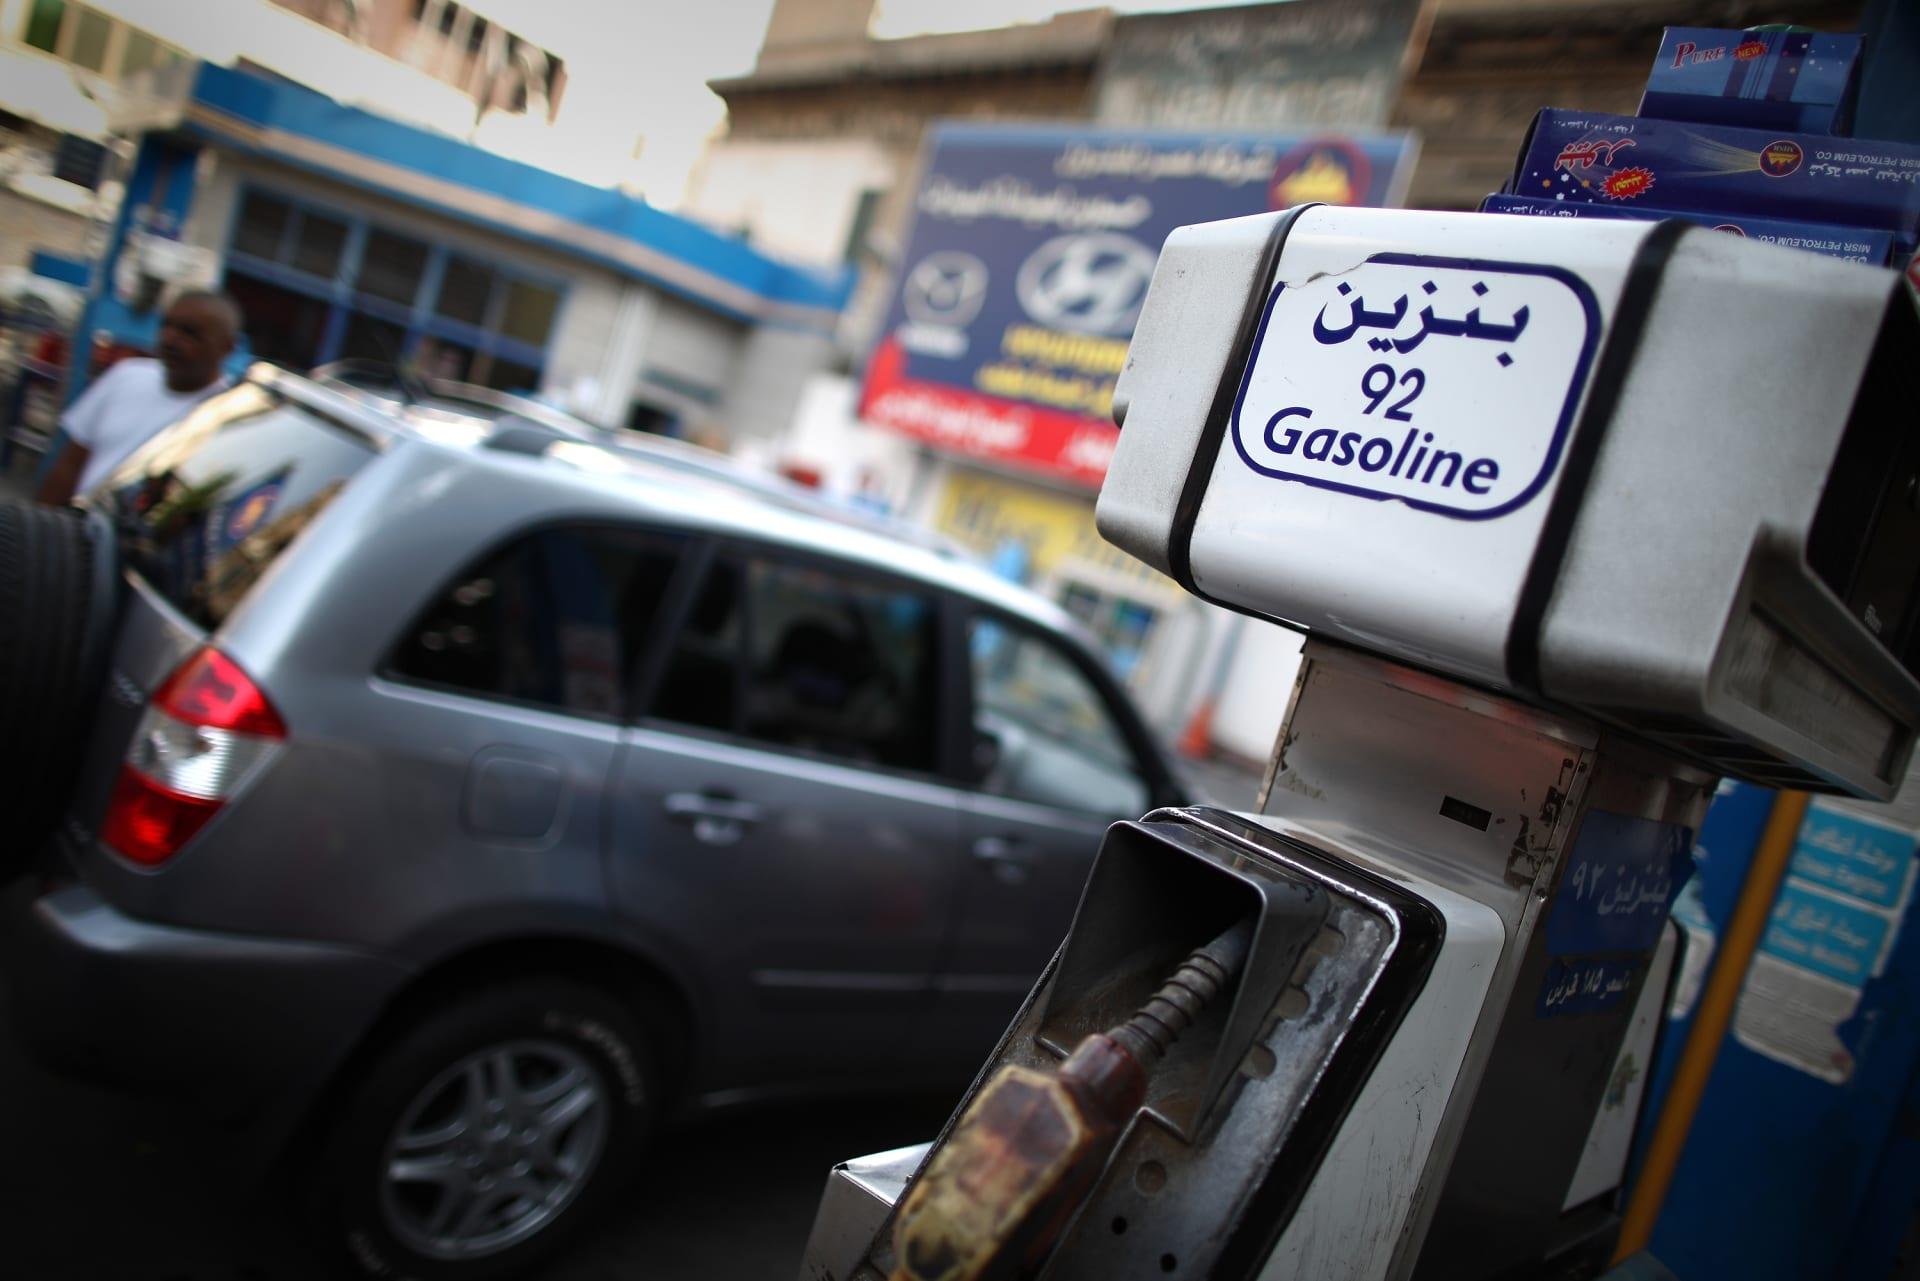 وزارة البترول المصرية: نُفعّل اتفاقيات استيراد النفط من العراق.. وسفير بغداد: الاتفاق يتضمن شروط سداد ميّسرة